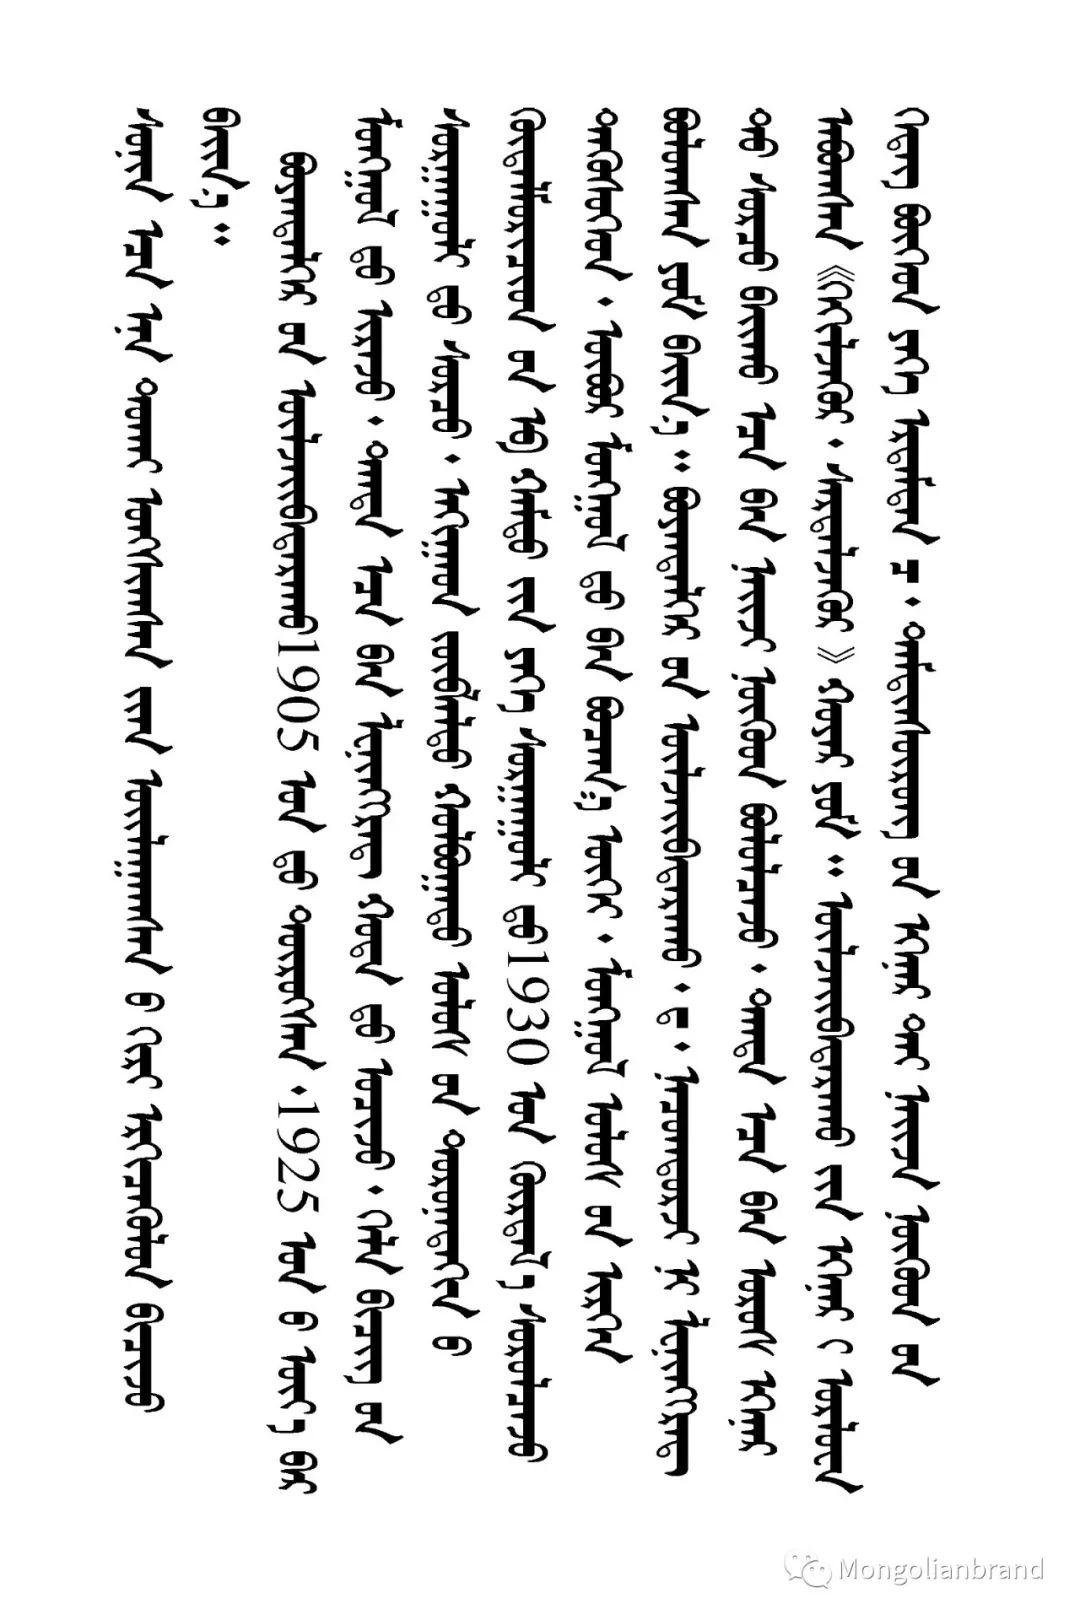 蒙古丨20世纪30年代在蒙古遇害的喀喇沁知识分子乌力吉巴达拉呼 第3张 蒙古丨20世纪30年代在蒙古遇害的喀喇沁知识分子乌力吉巴达拉呼 蒙古文化